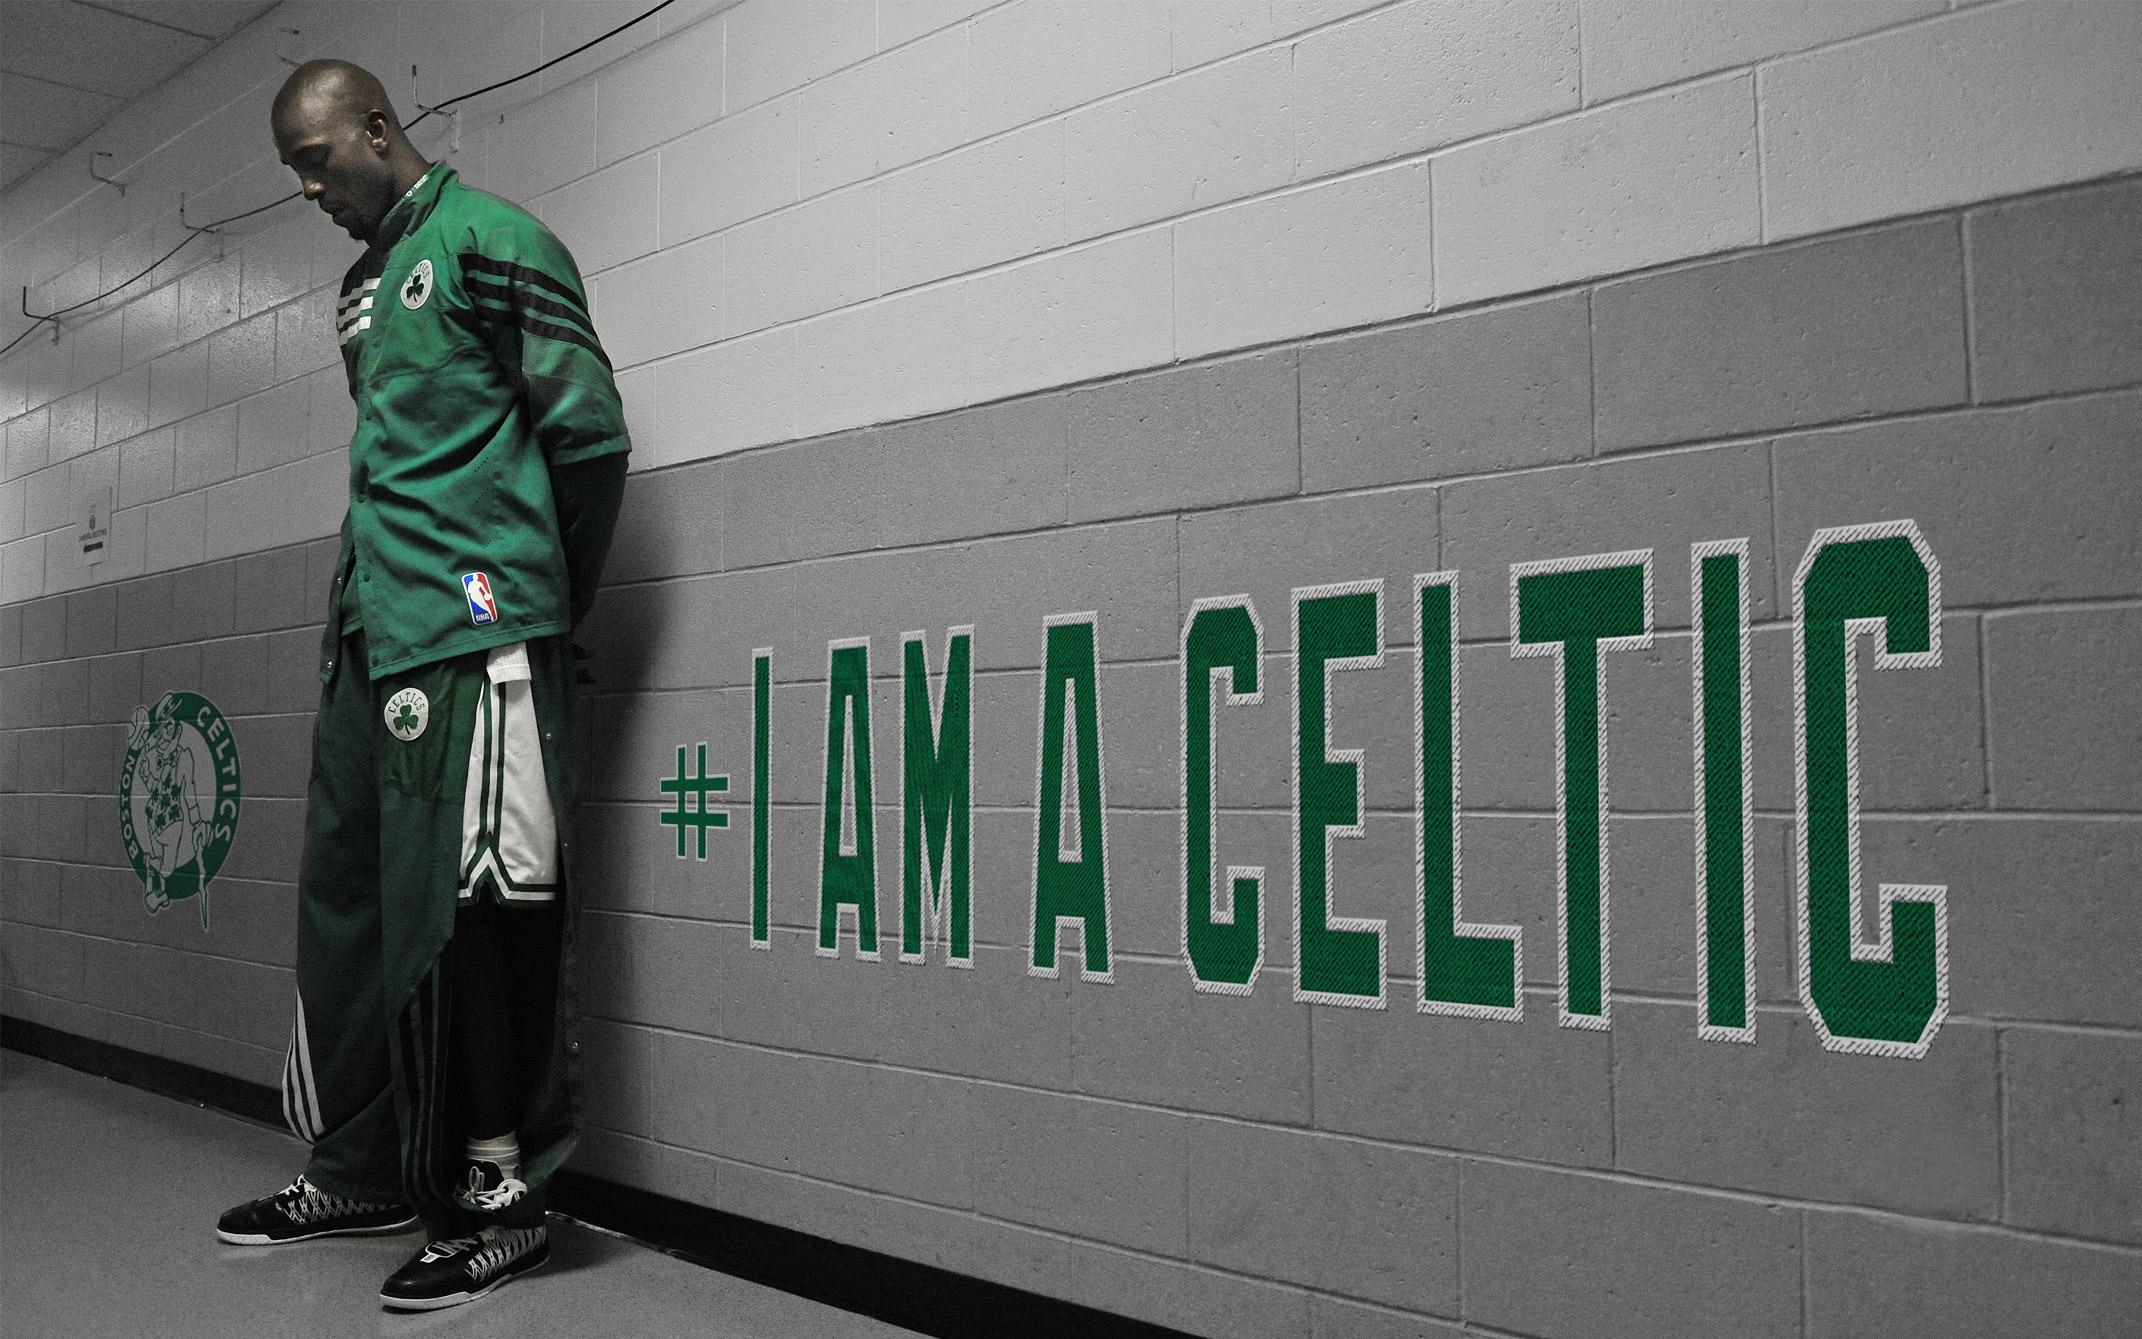 Celtics Wallpaper 2142x1339